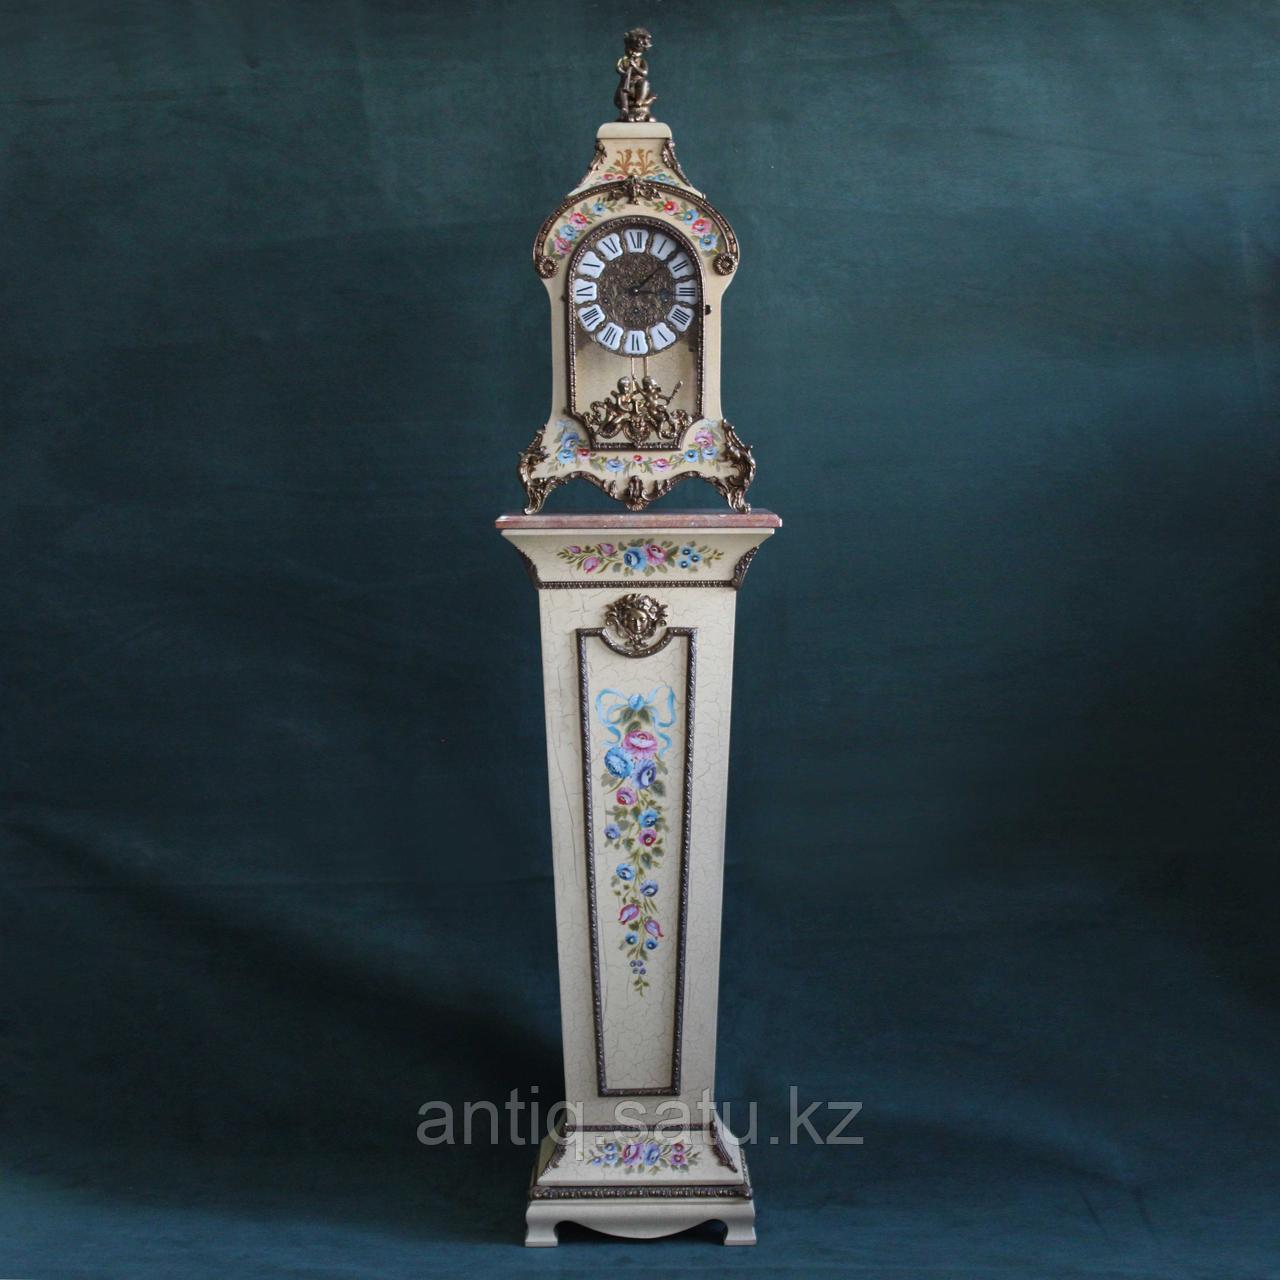 Итальянские часы в венецианском стиле - фото 1